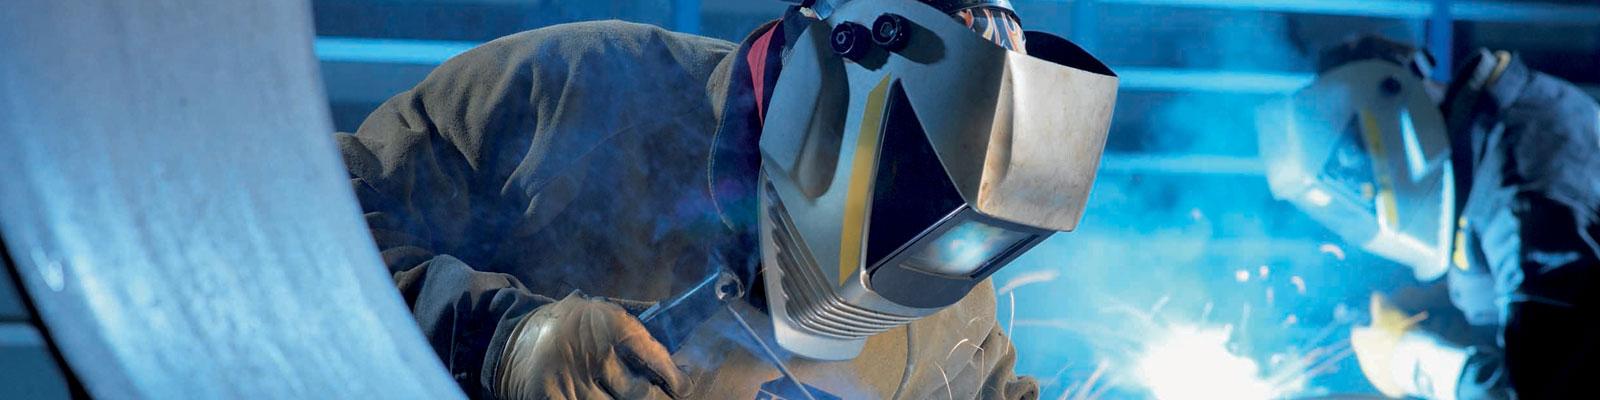 Welder Plugs & Receptacles